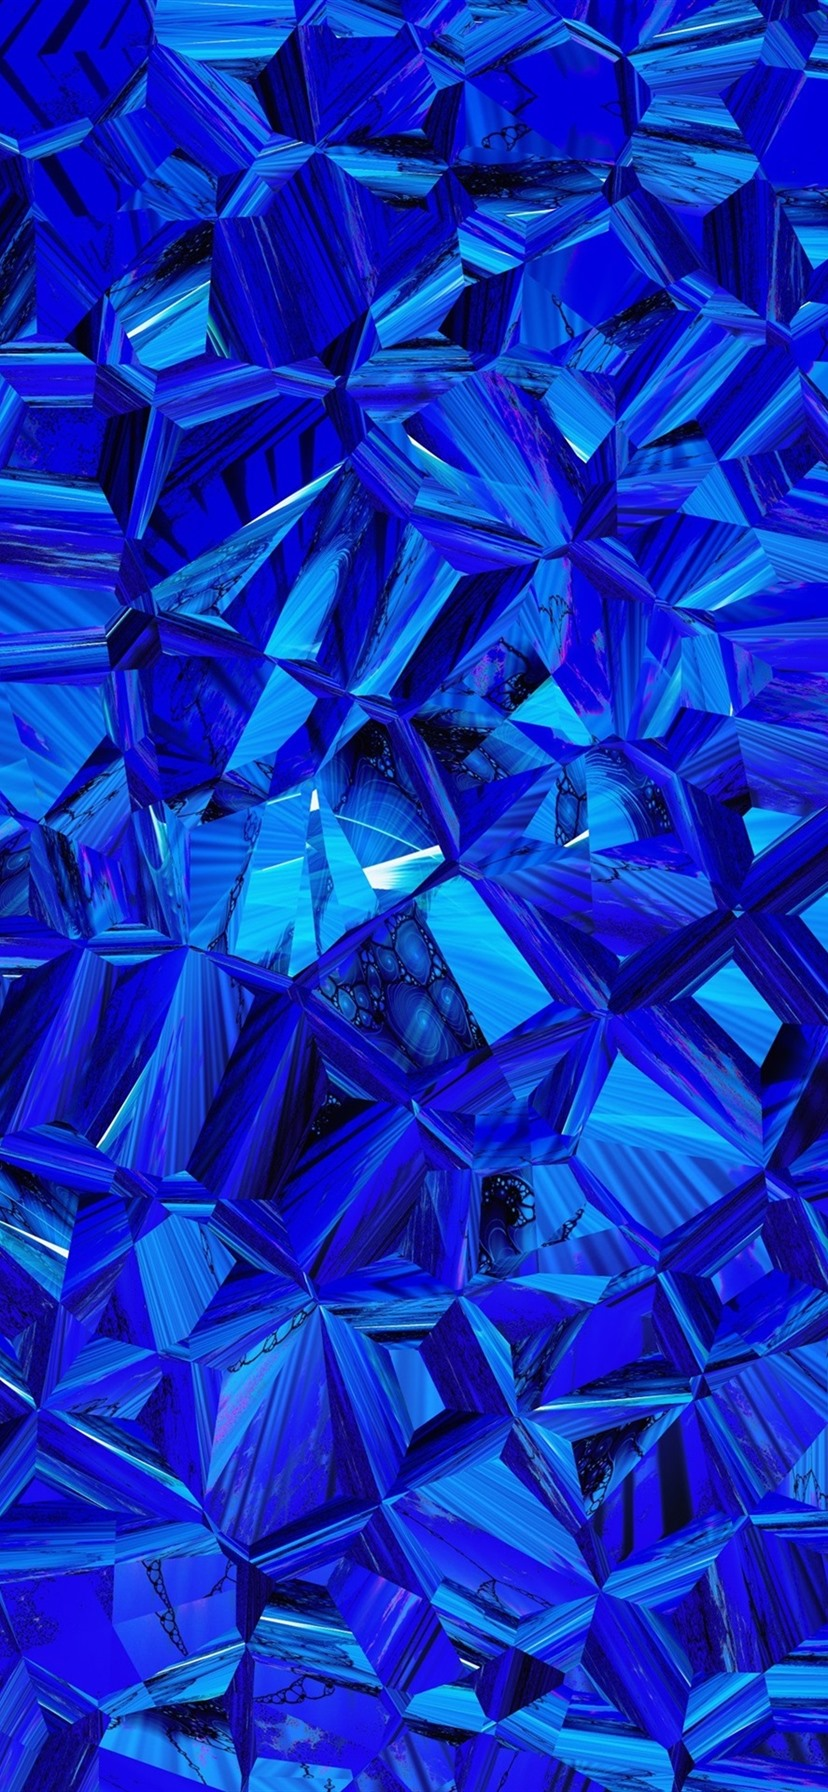 Fonds D Ecran Prismatique Bleu Image Abstraite 3840x2160 Uhd 4k Image